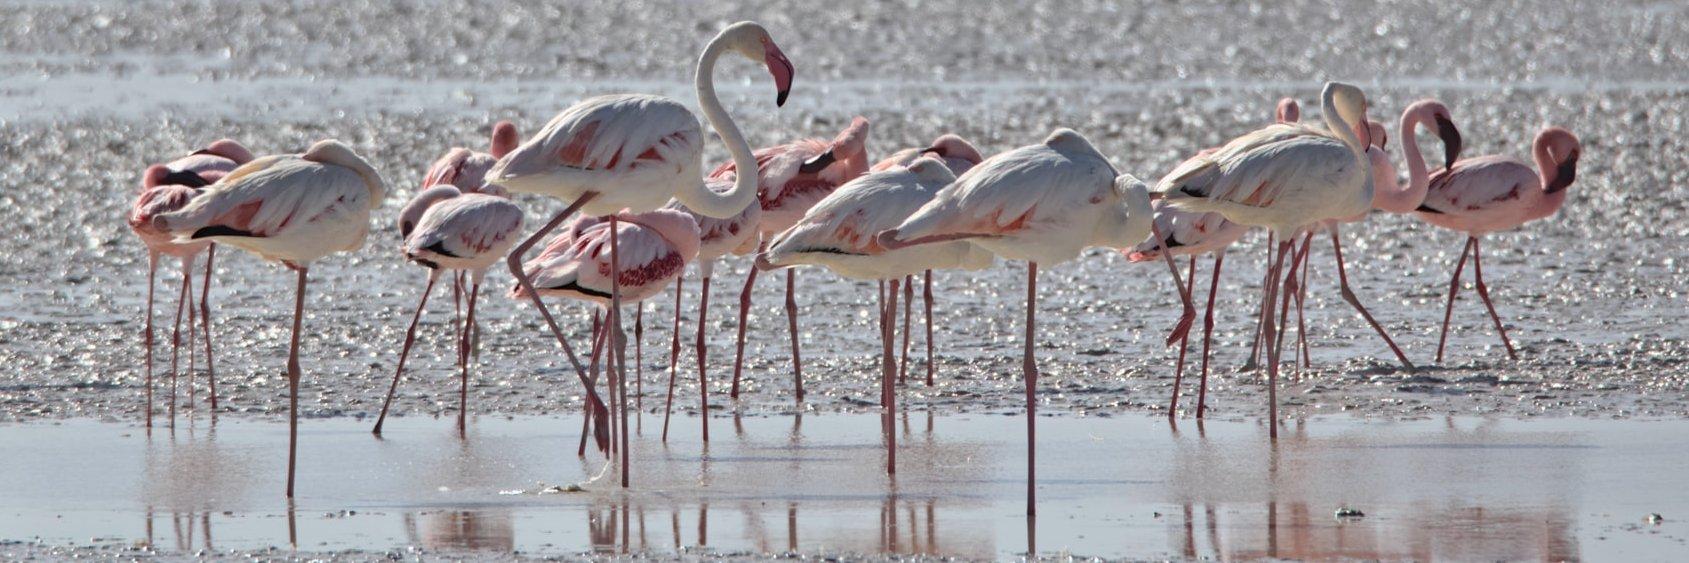 Flamingos im Osten der Etosha-Pfanne Namibias zur Regenzeit